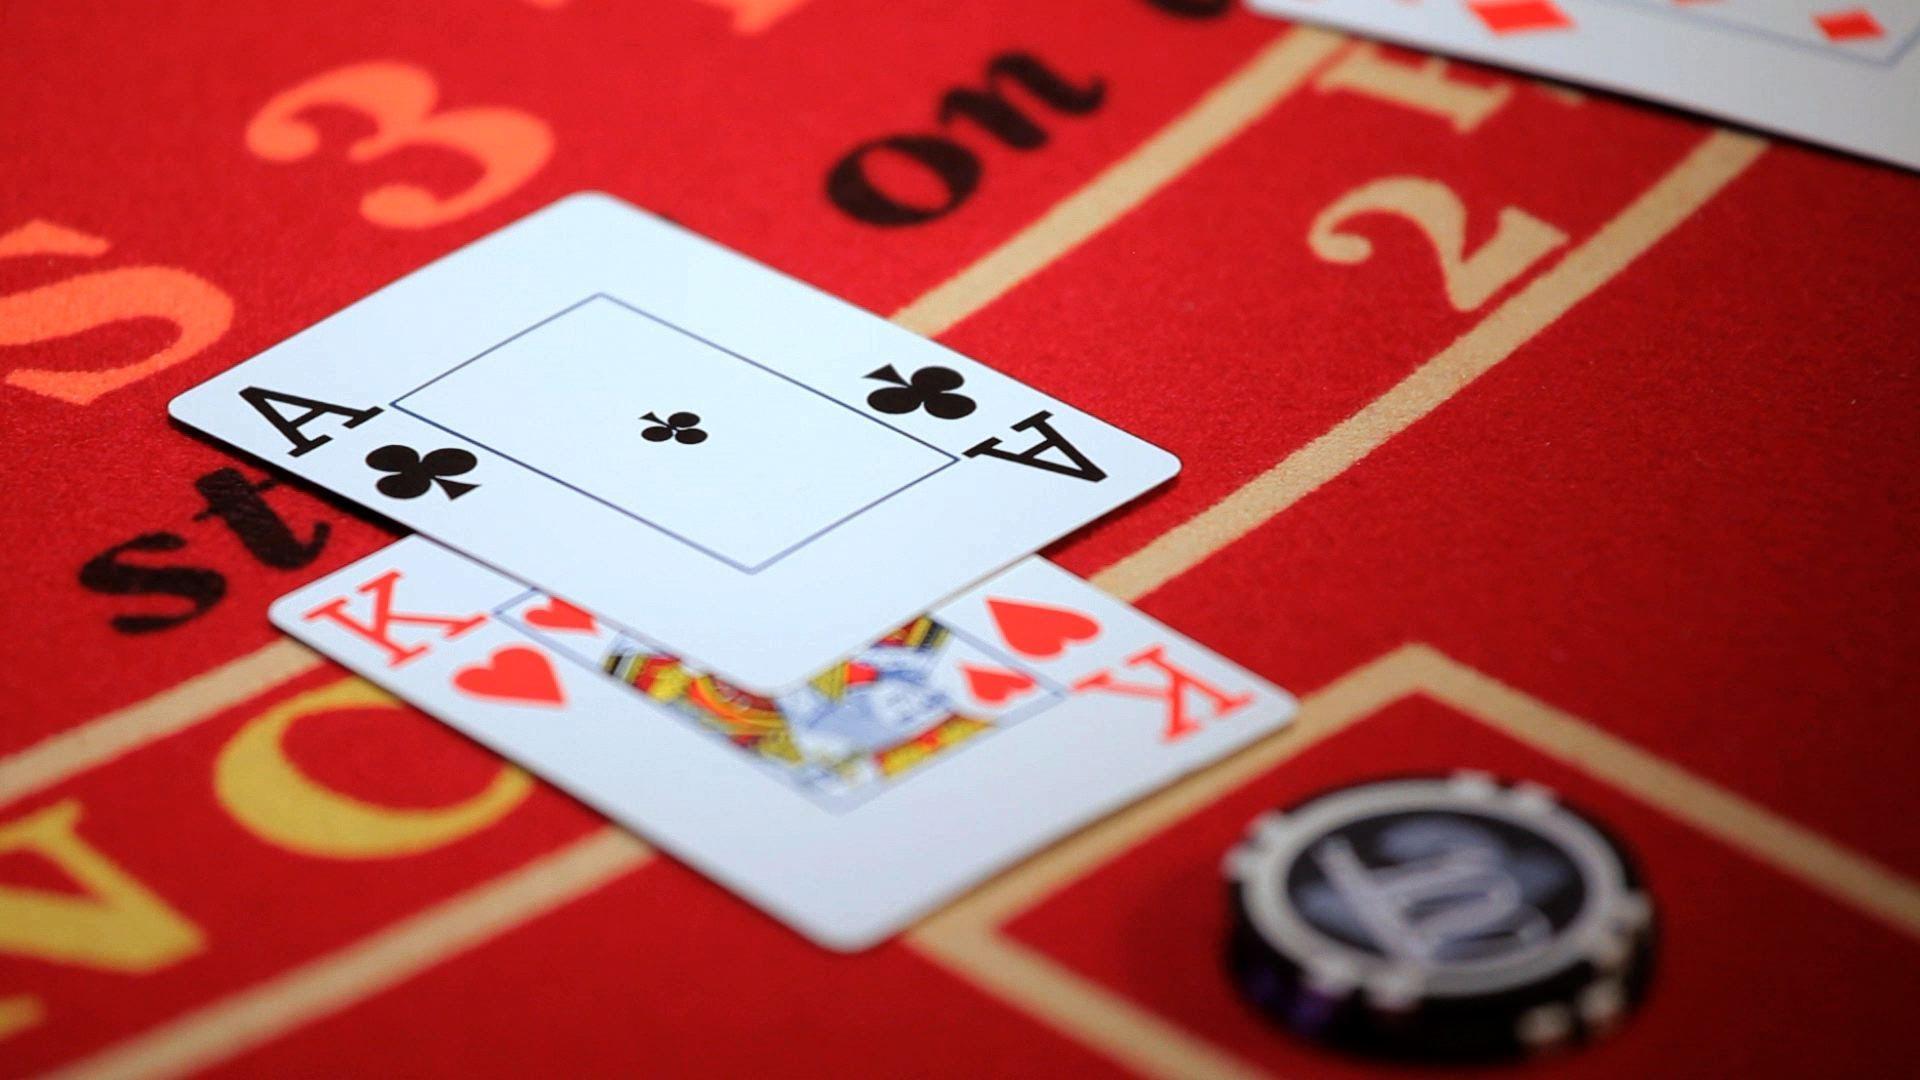 Raisons pour choisir le Blackjack